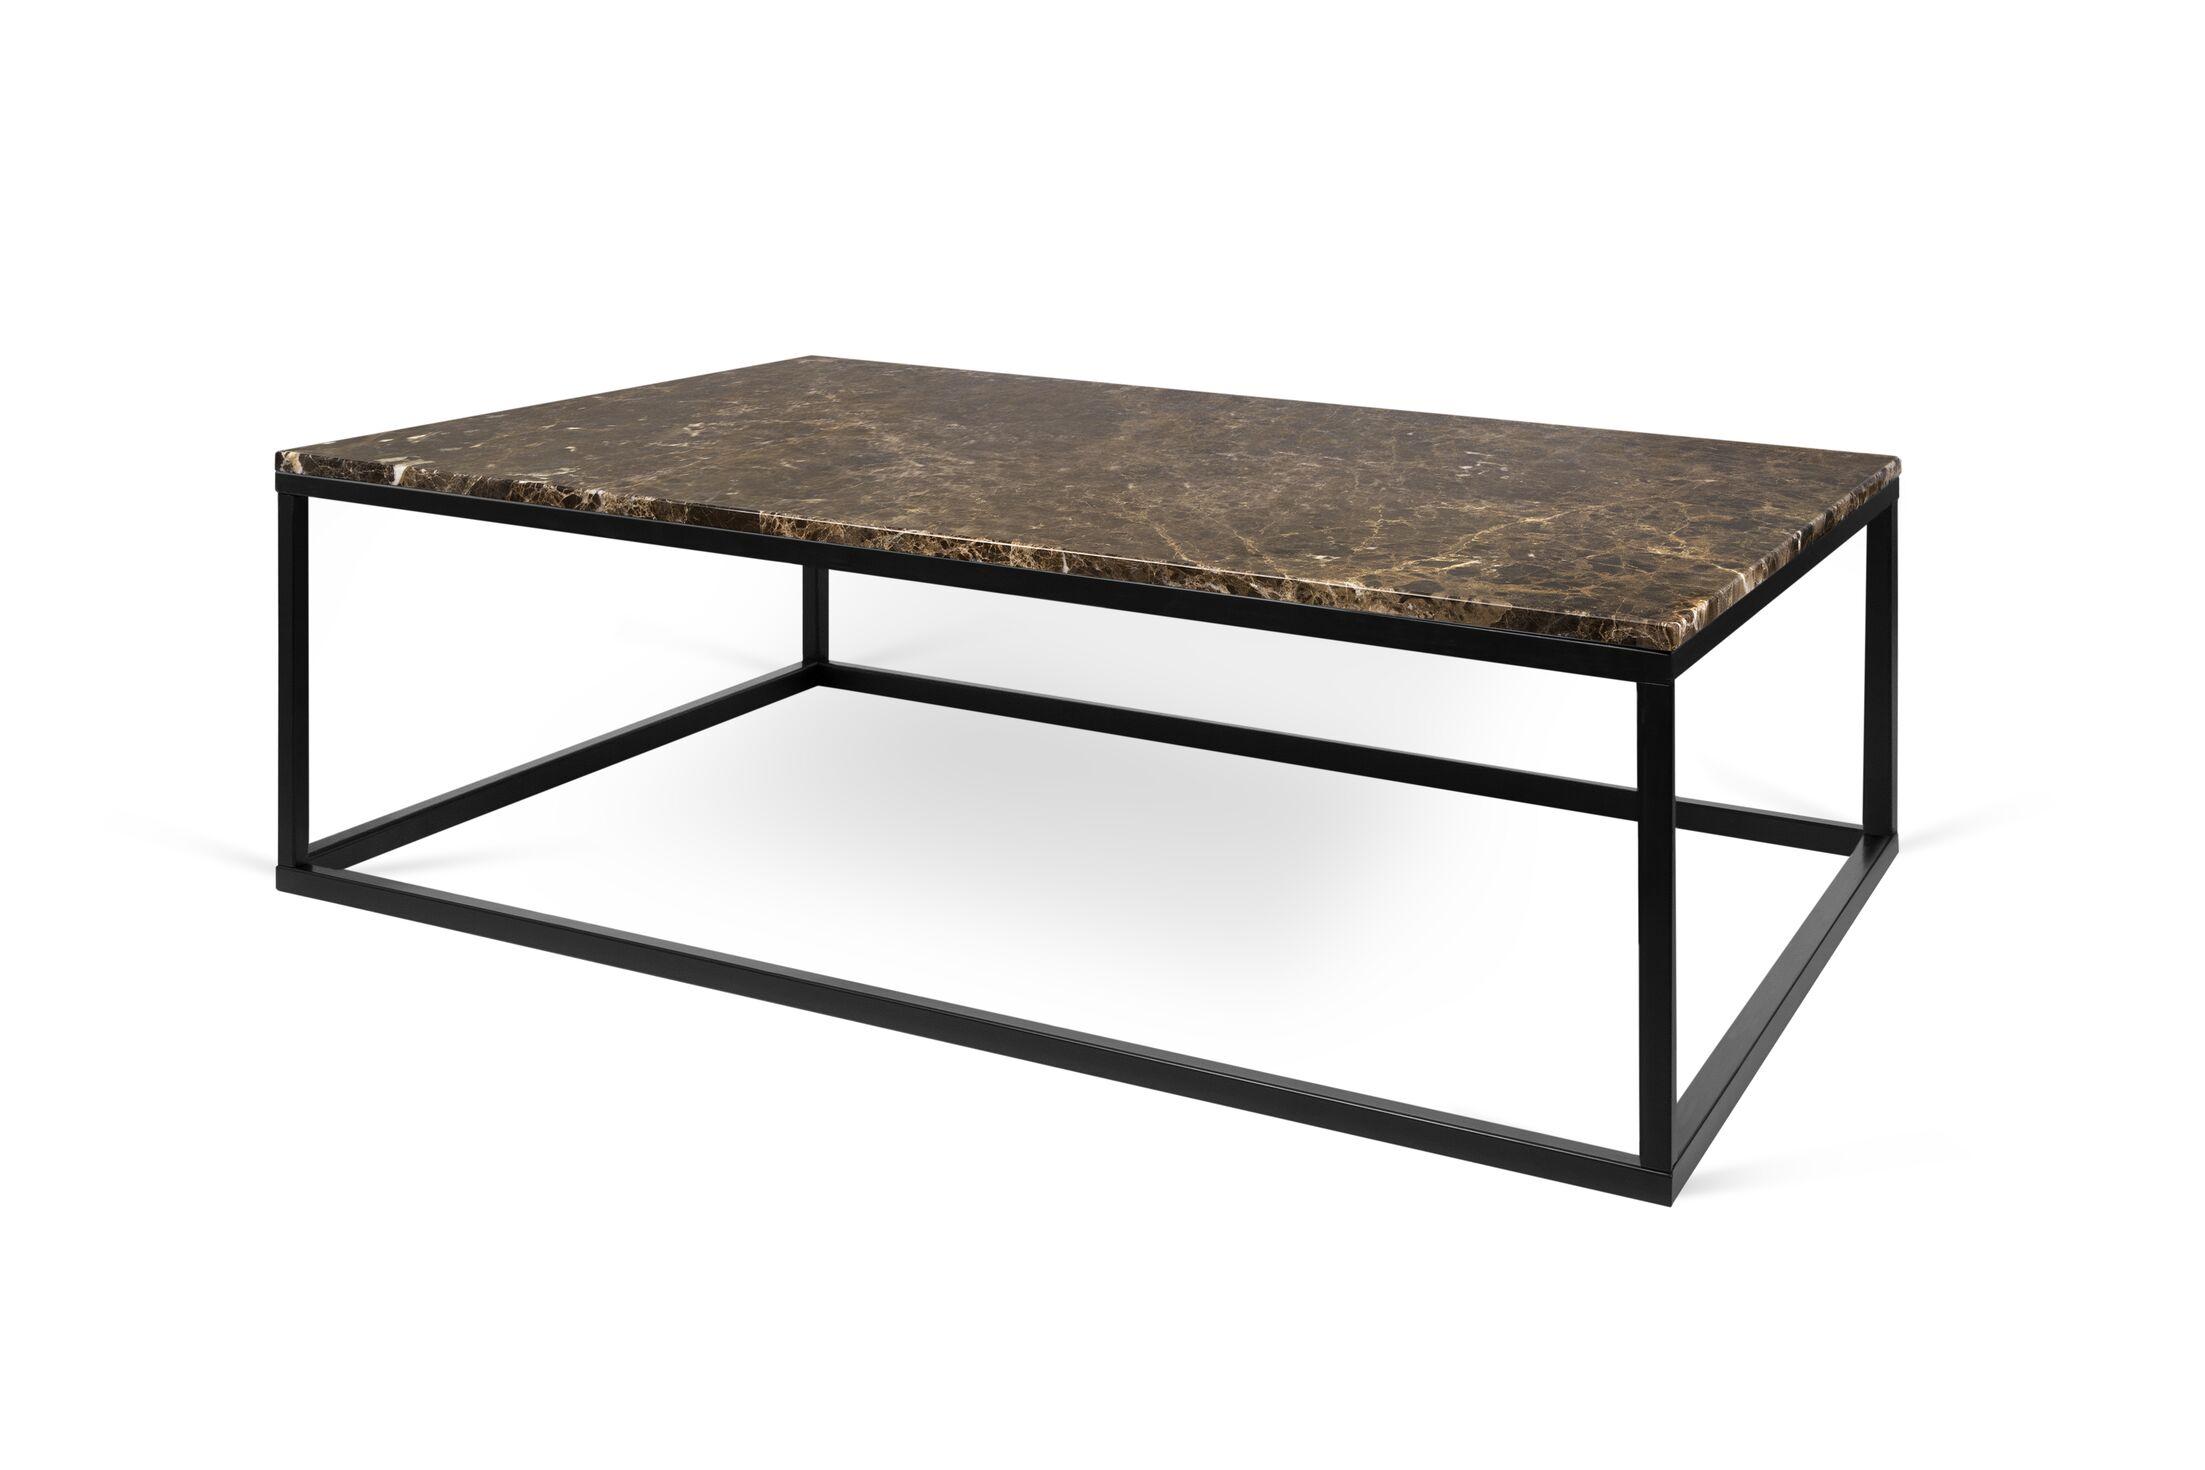 Prairie Marble Coffee Table Base Color: Black Steel, Top Color: Emperador